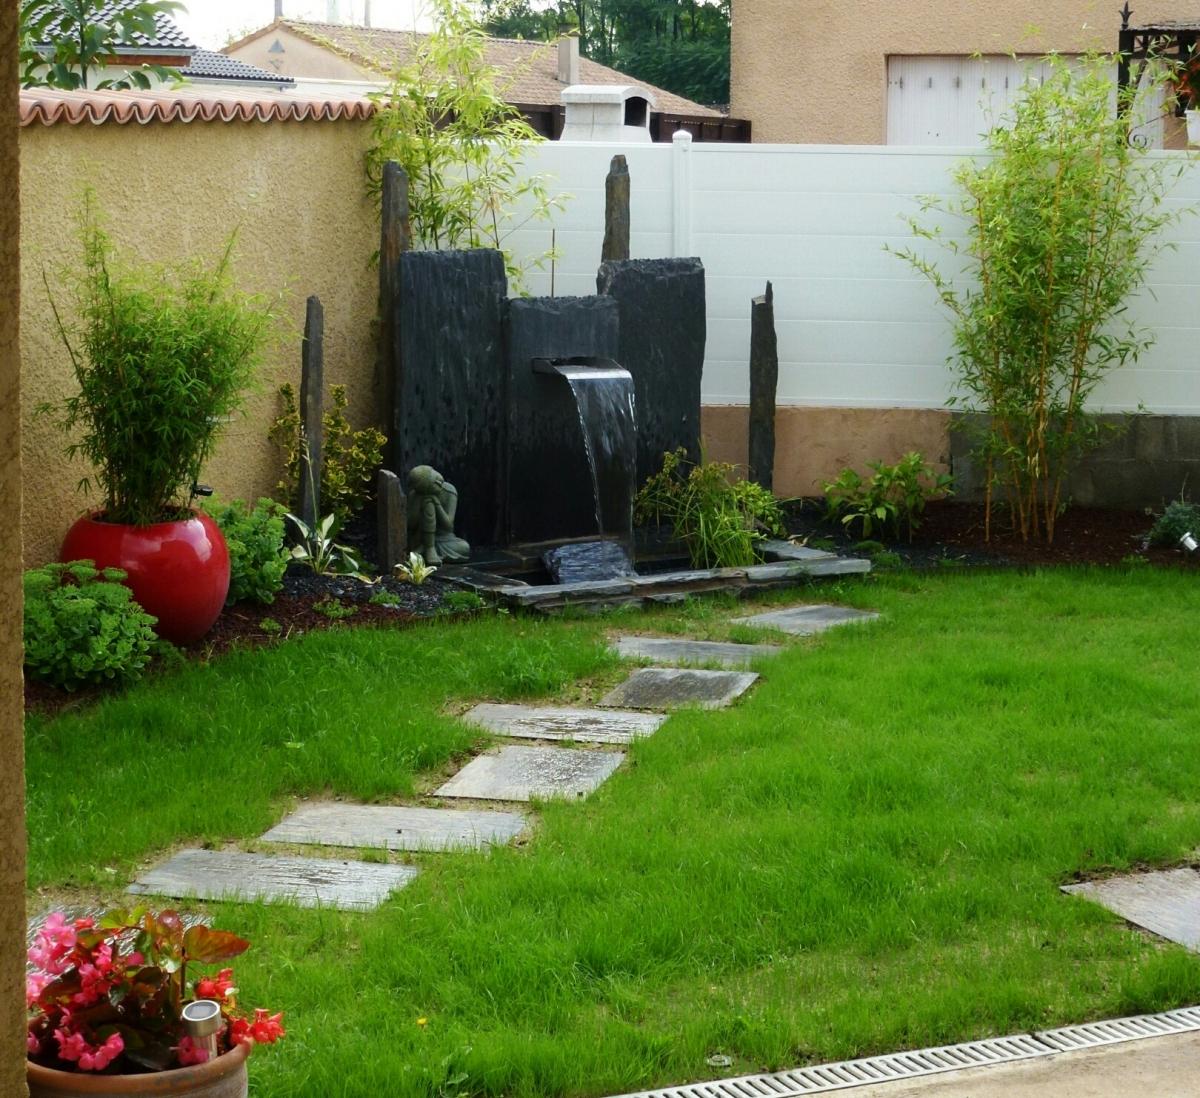 Fontaine Jardin Japonais Fontaine Japonaise Zen Petit Jardin ... concernant Fontaine Jardin Japonais